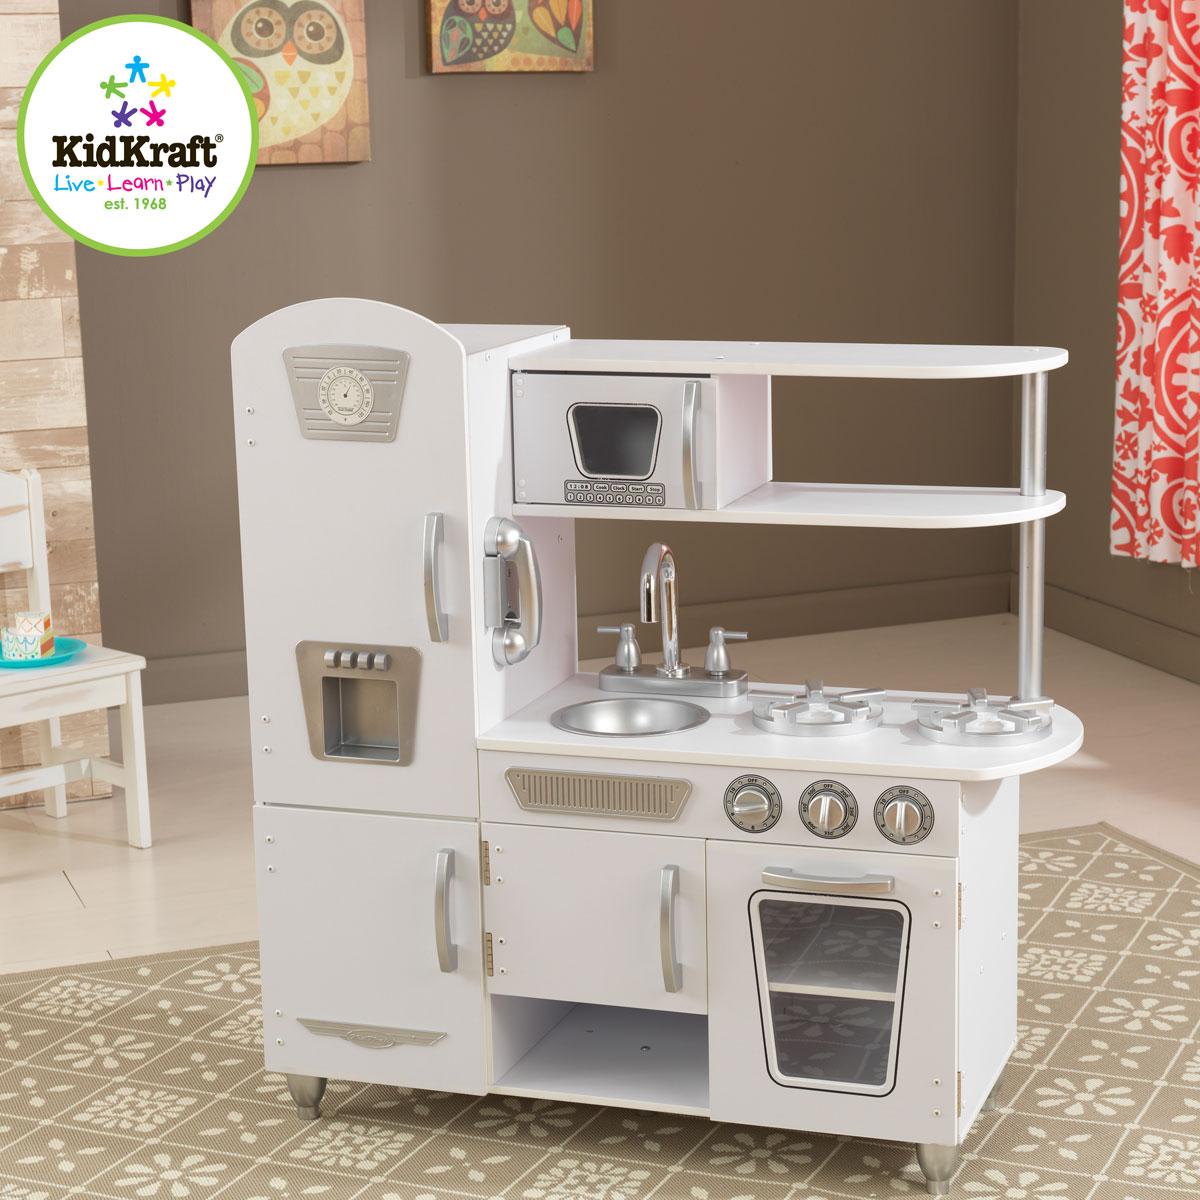 küche retro | jtleigh.com - hausgestaltung ideen - Kidkraft Weiße Retro Küche 53208